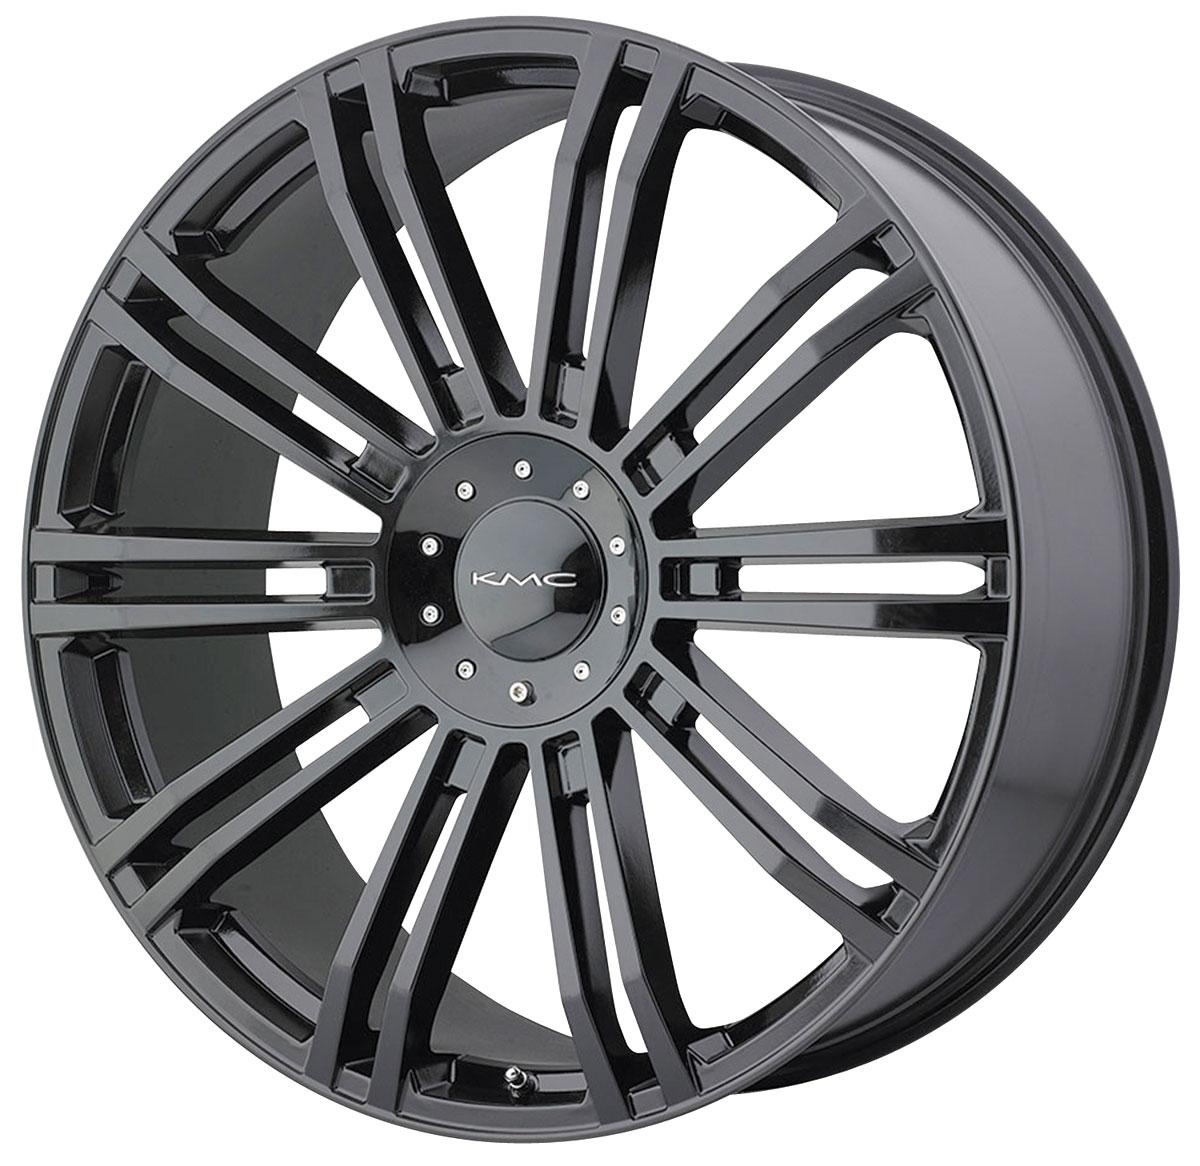 Wheel, KMC, KM677 D2, 1999-2019 Escalade, 24X9.5